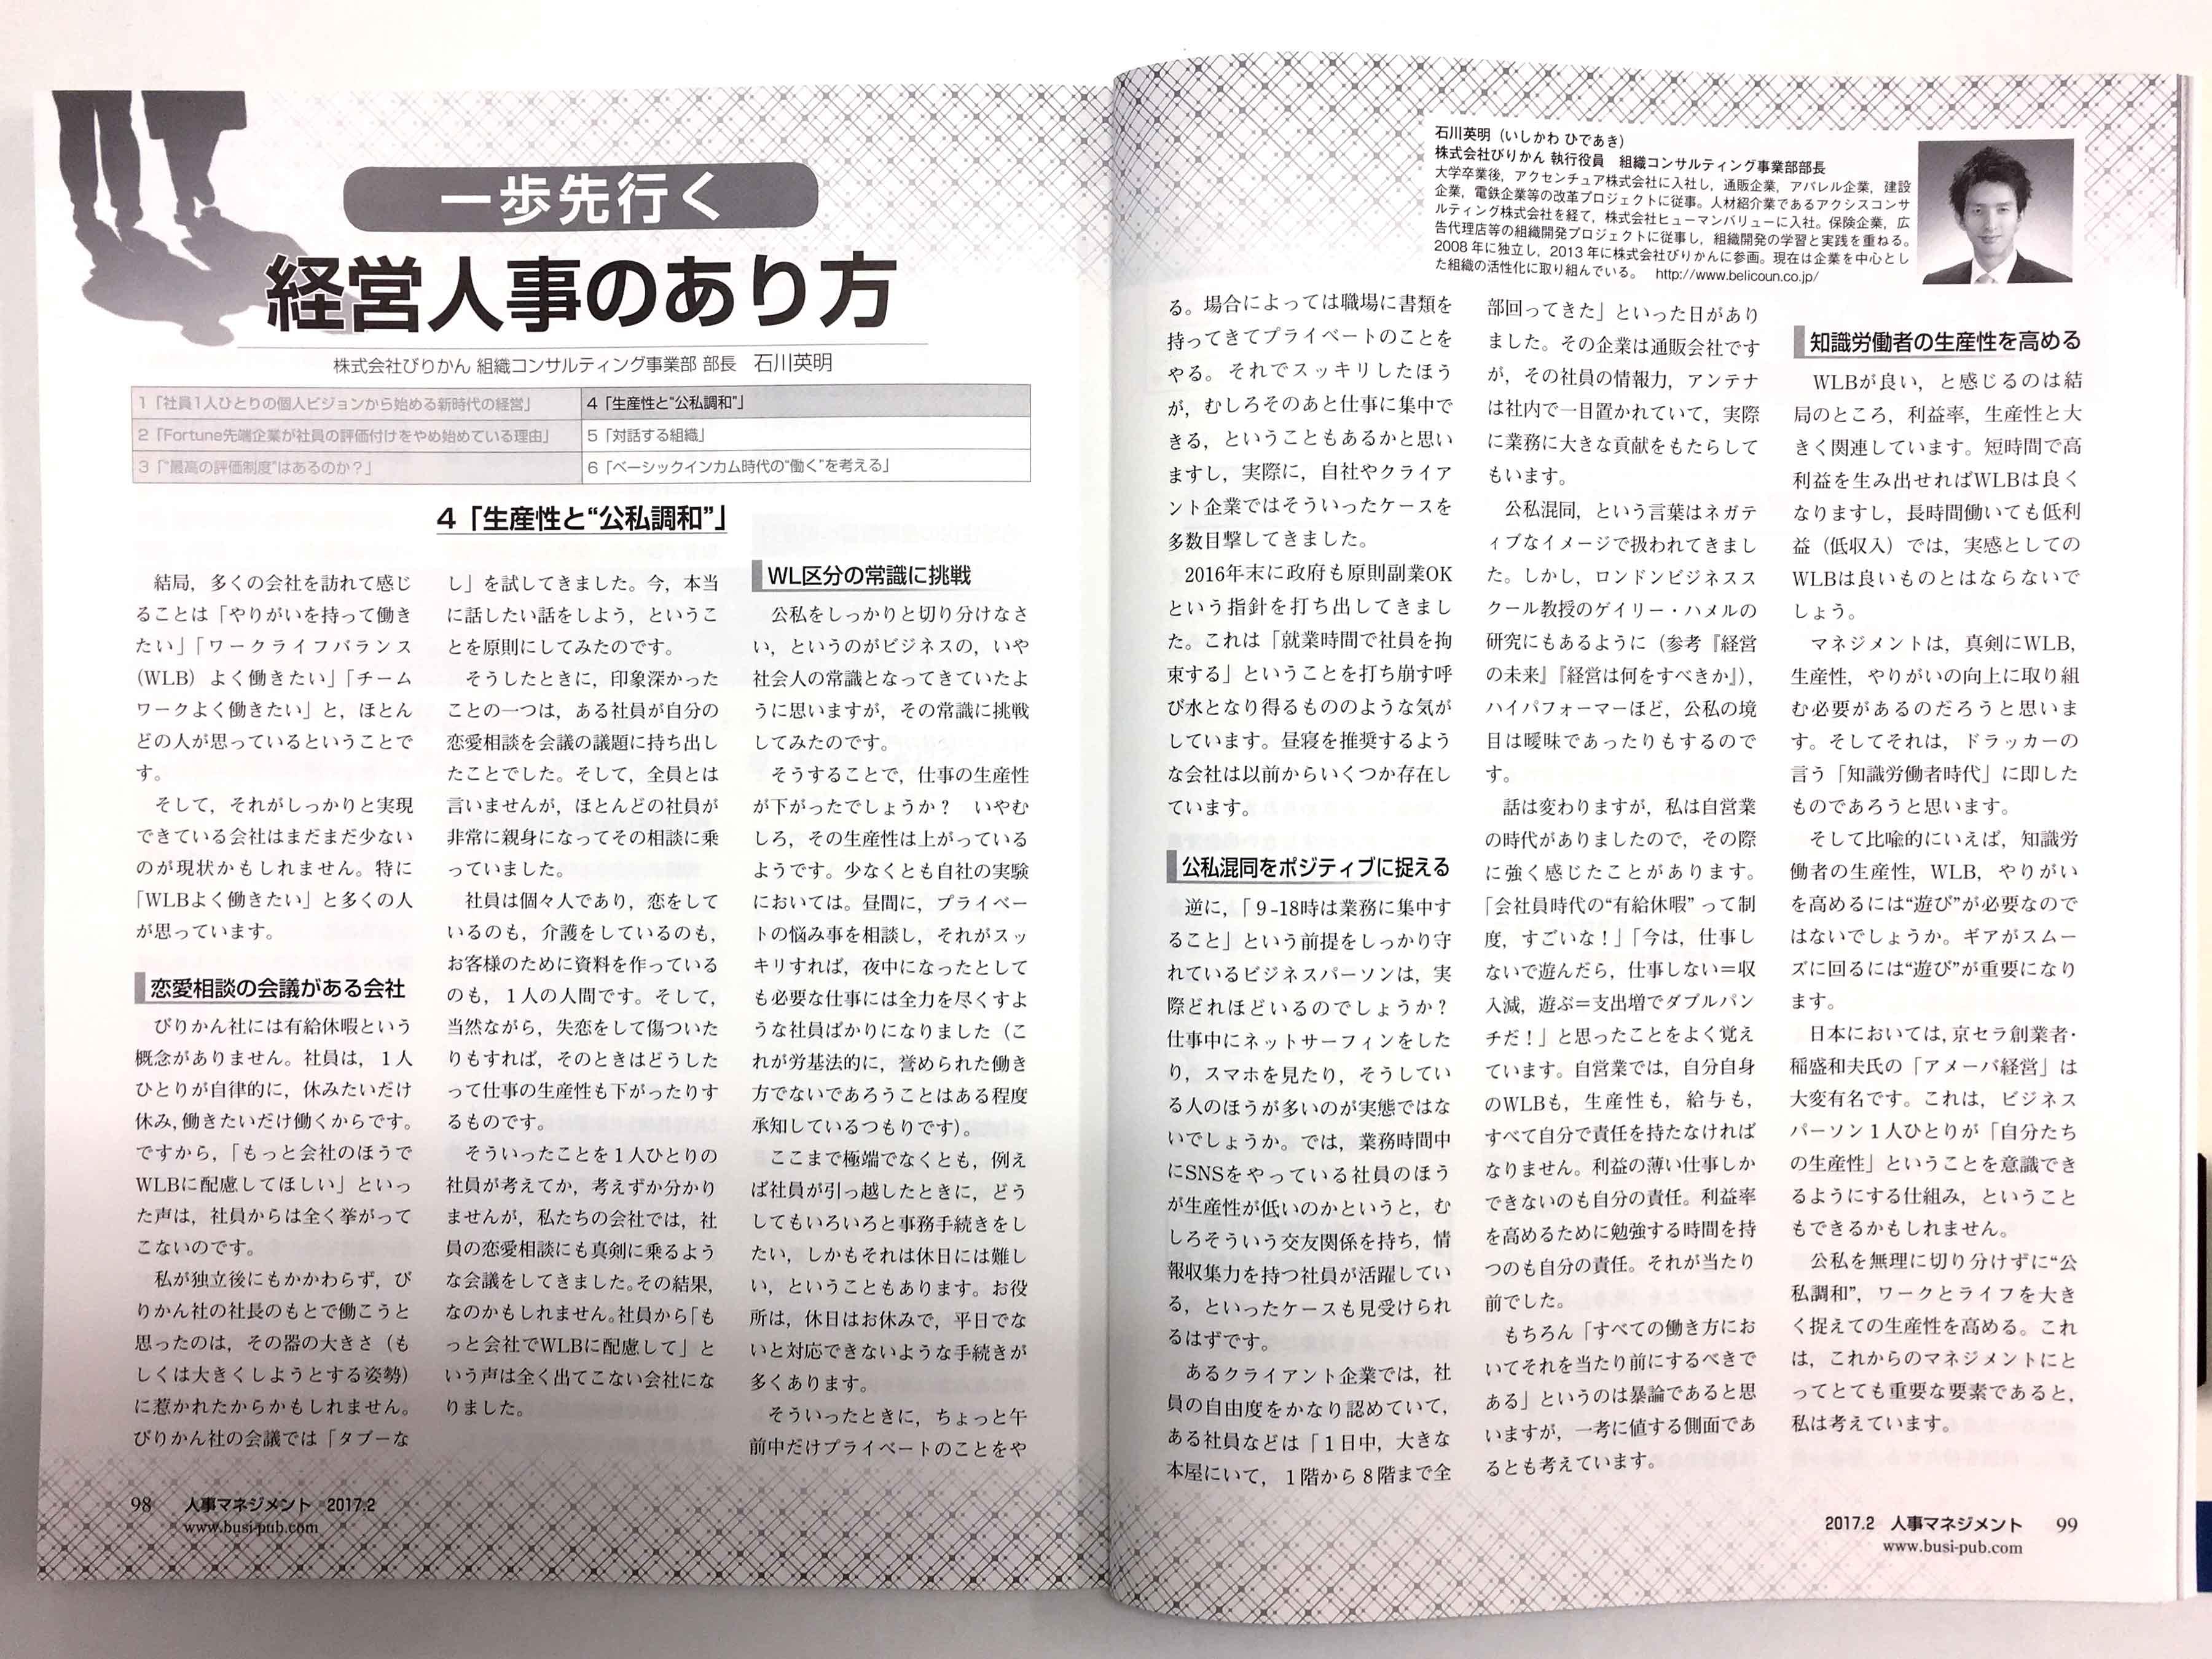 『月刊 人事マネジメント』(2017年2月号)